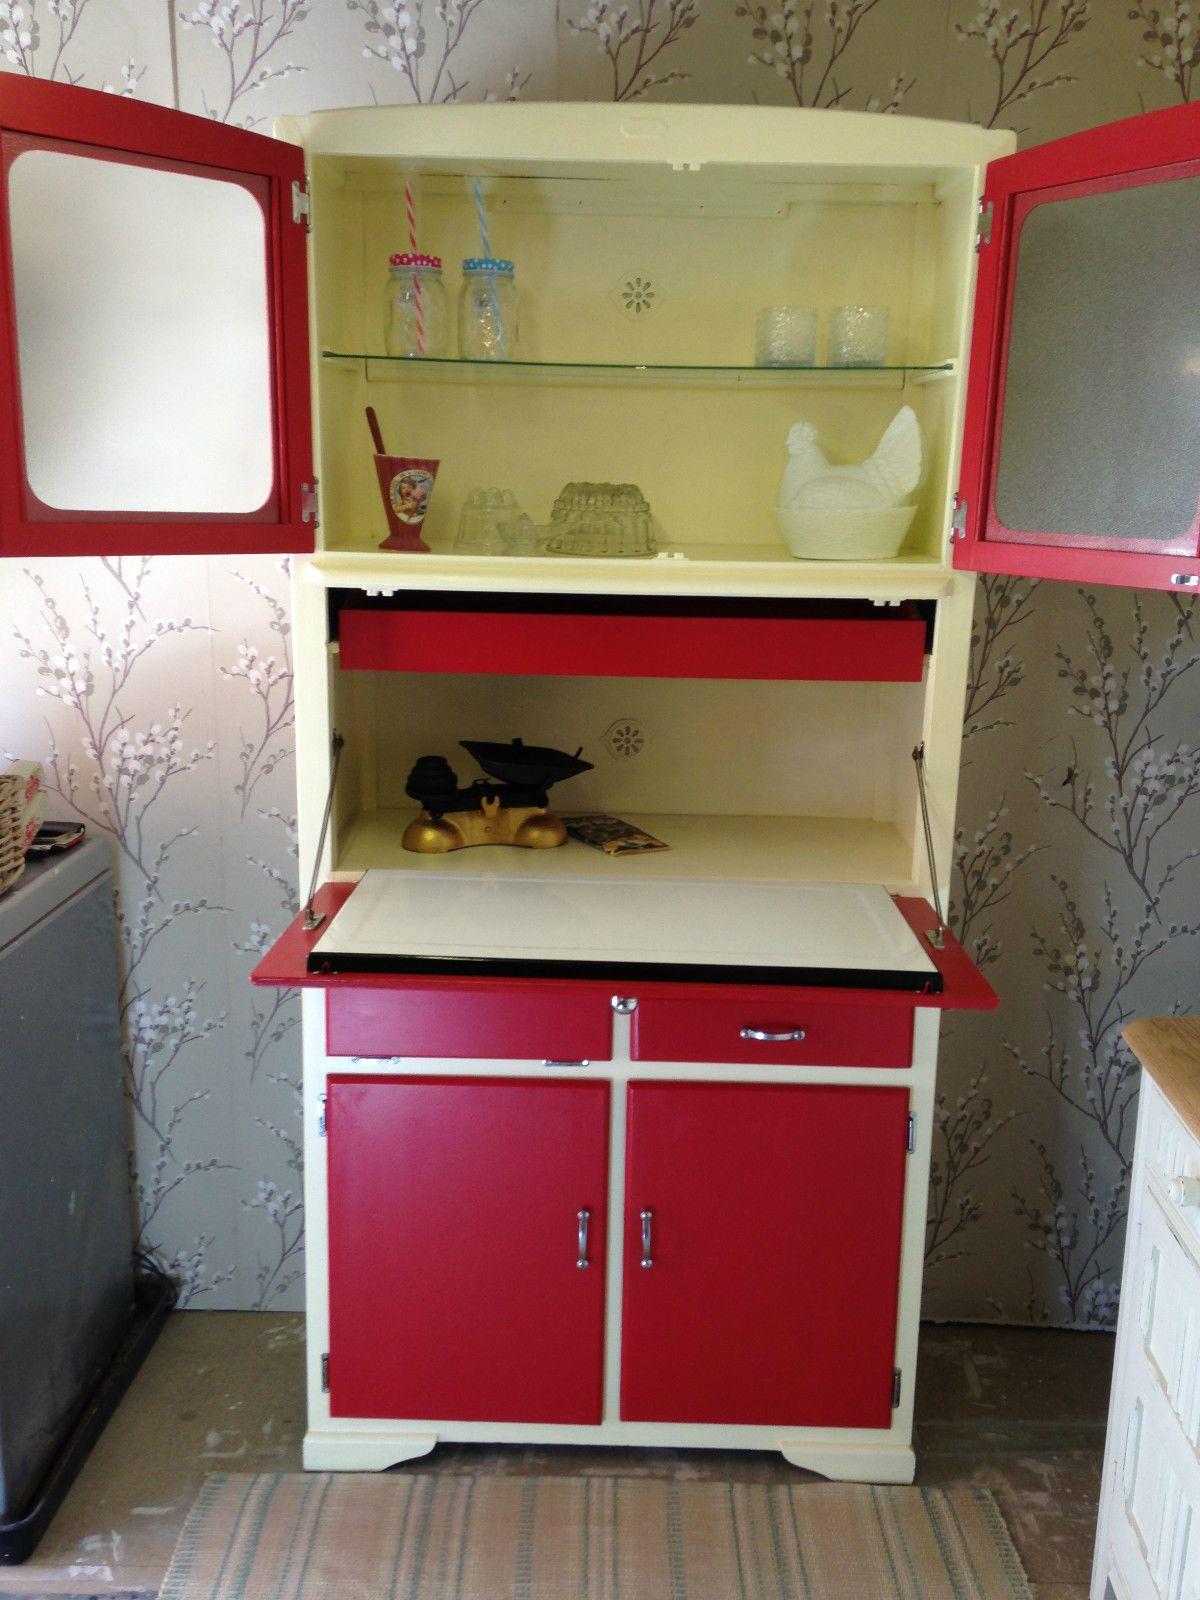 Best Kitchen Gallery: Vintage Retro Kitche Te Larder Mid Century 50's 60's Kitchen of Vintage Kitchen Cupboards on rachelxblog.com